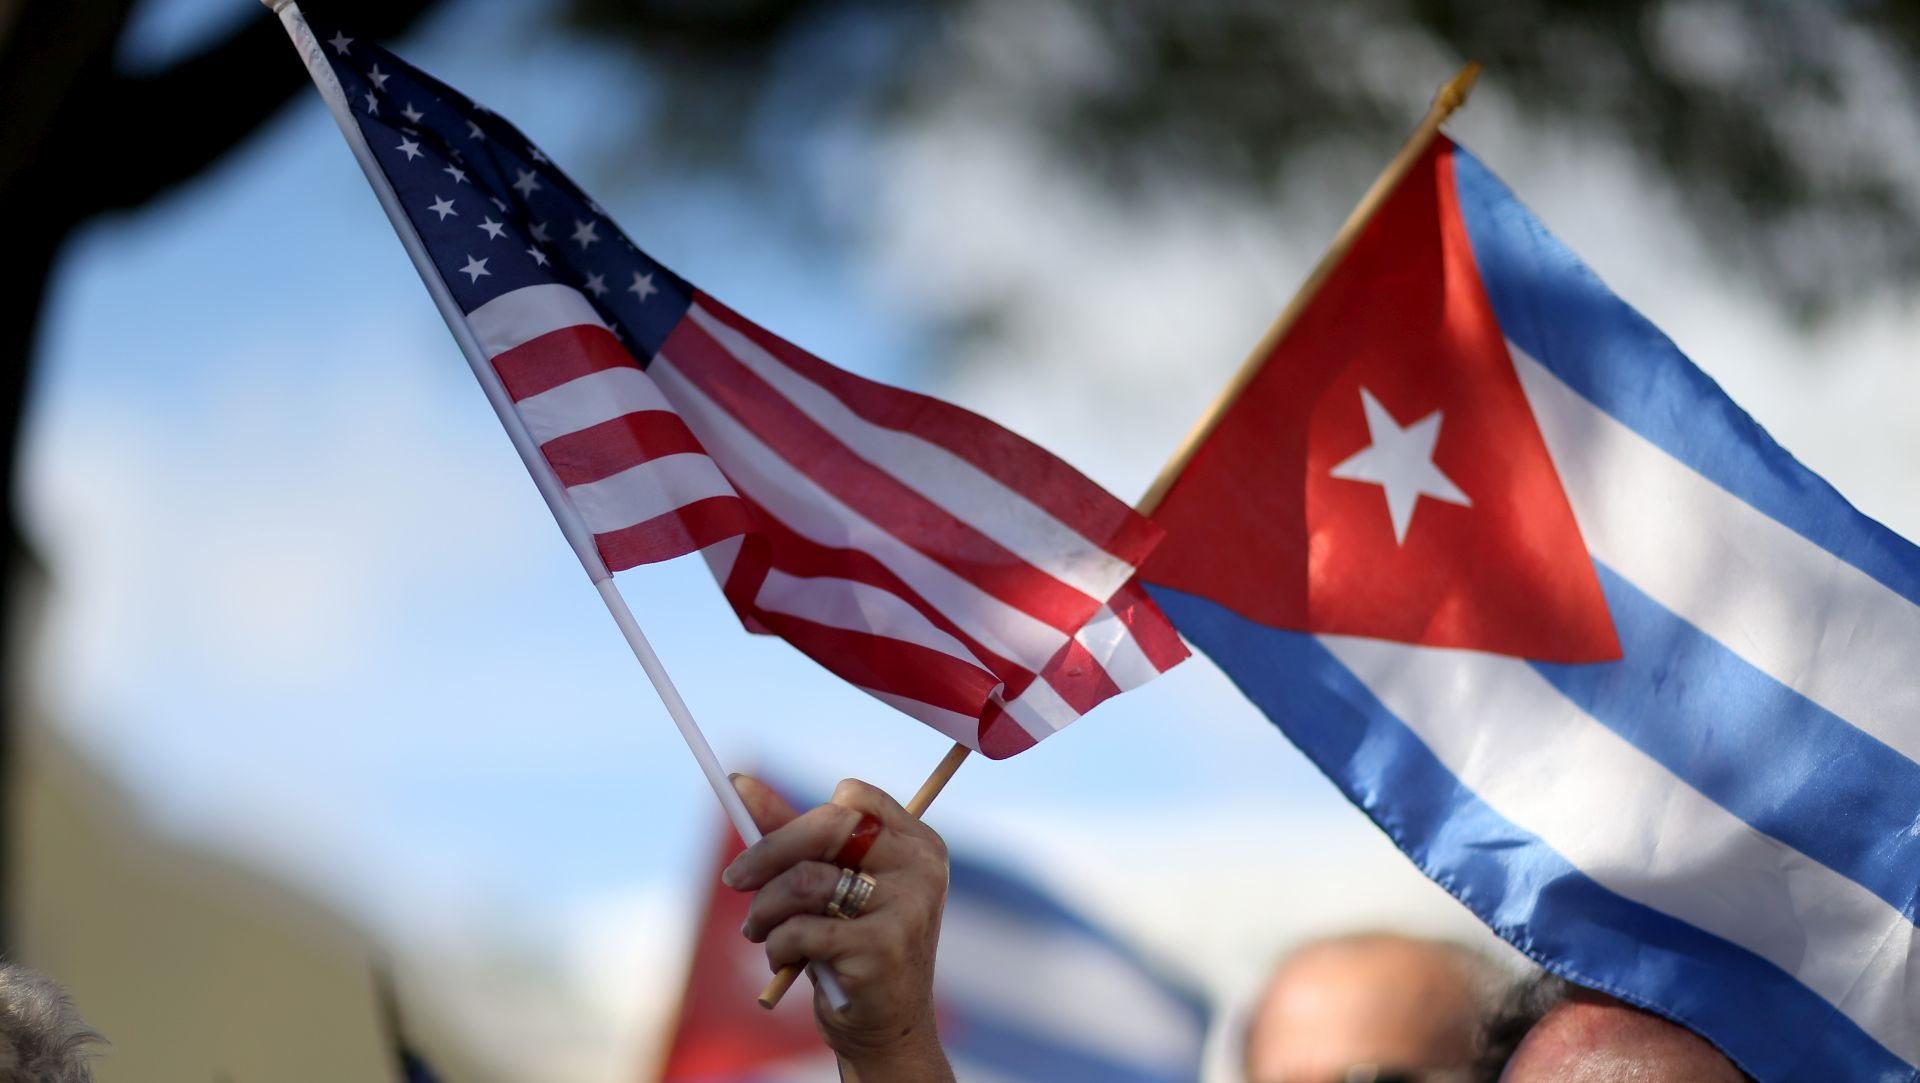 IZMEĐU HRVATSKE I CIPRA U State Departmentu izvješena kubanska zastava